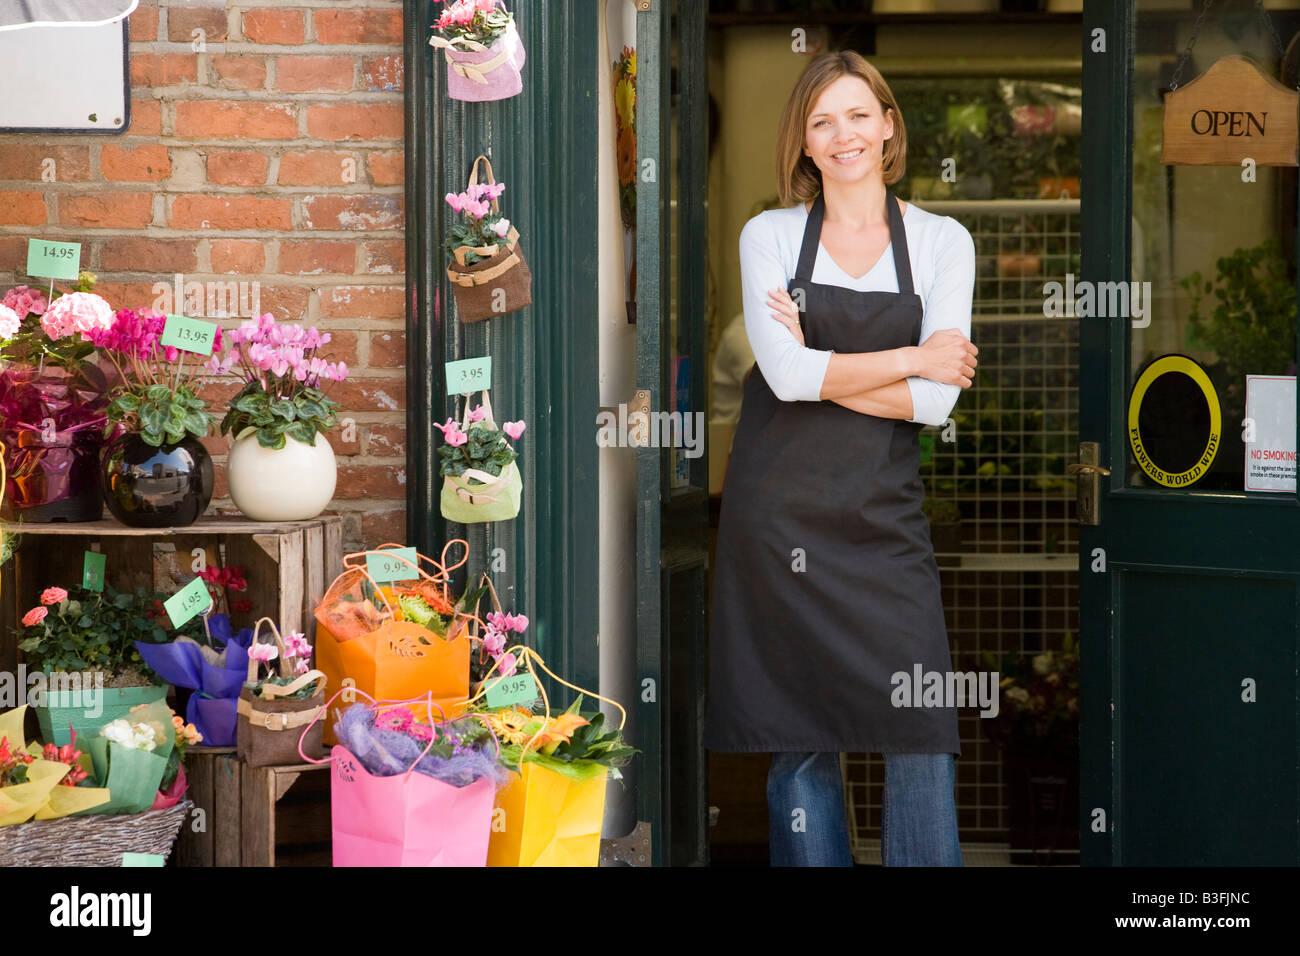 La donna lavora al negozio di fiori sorridenti Immagini Stock